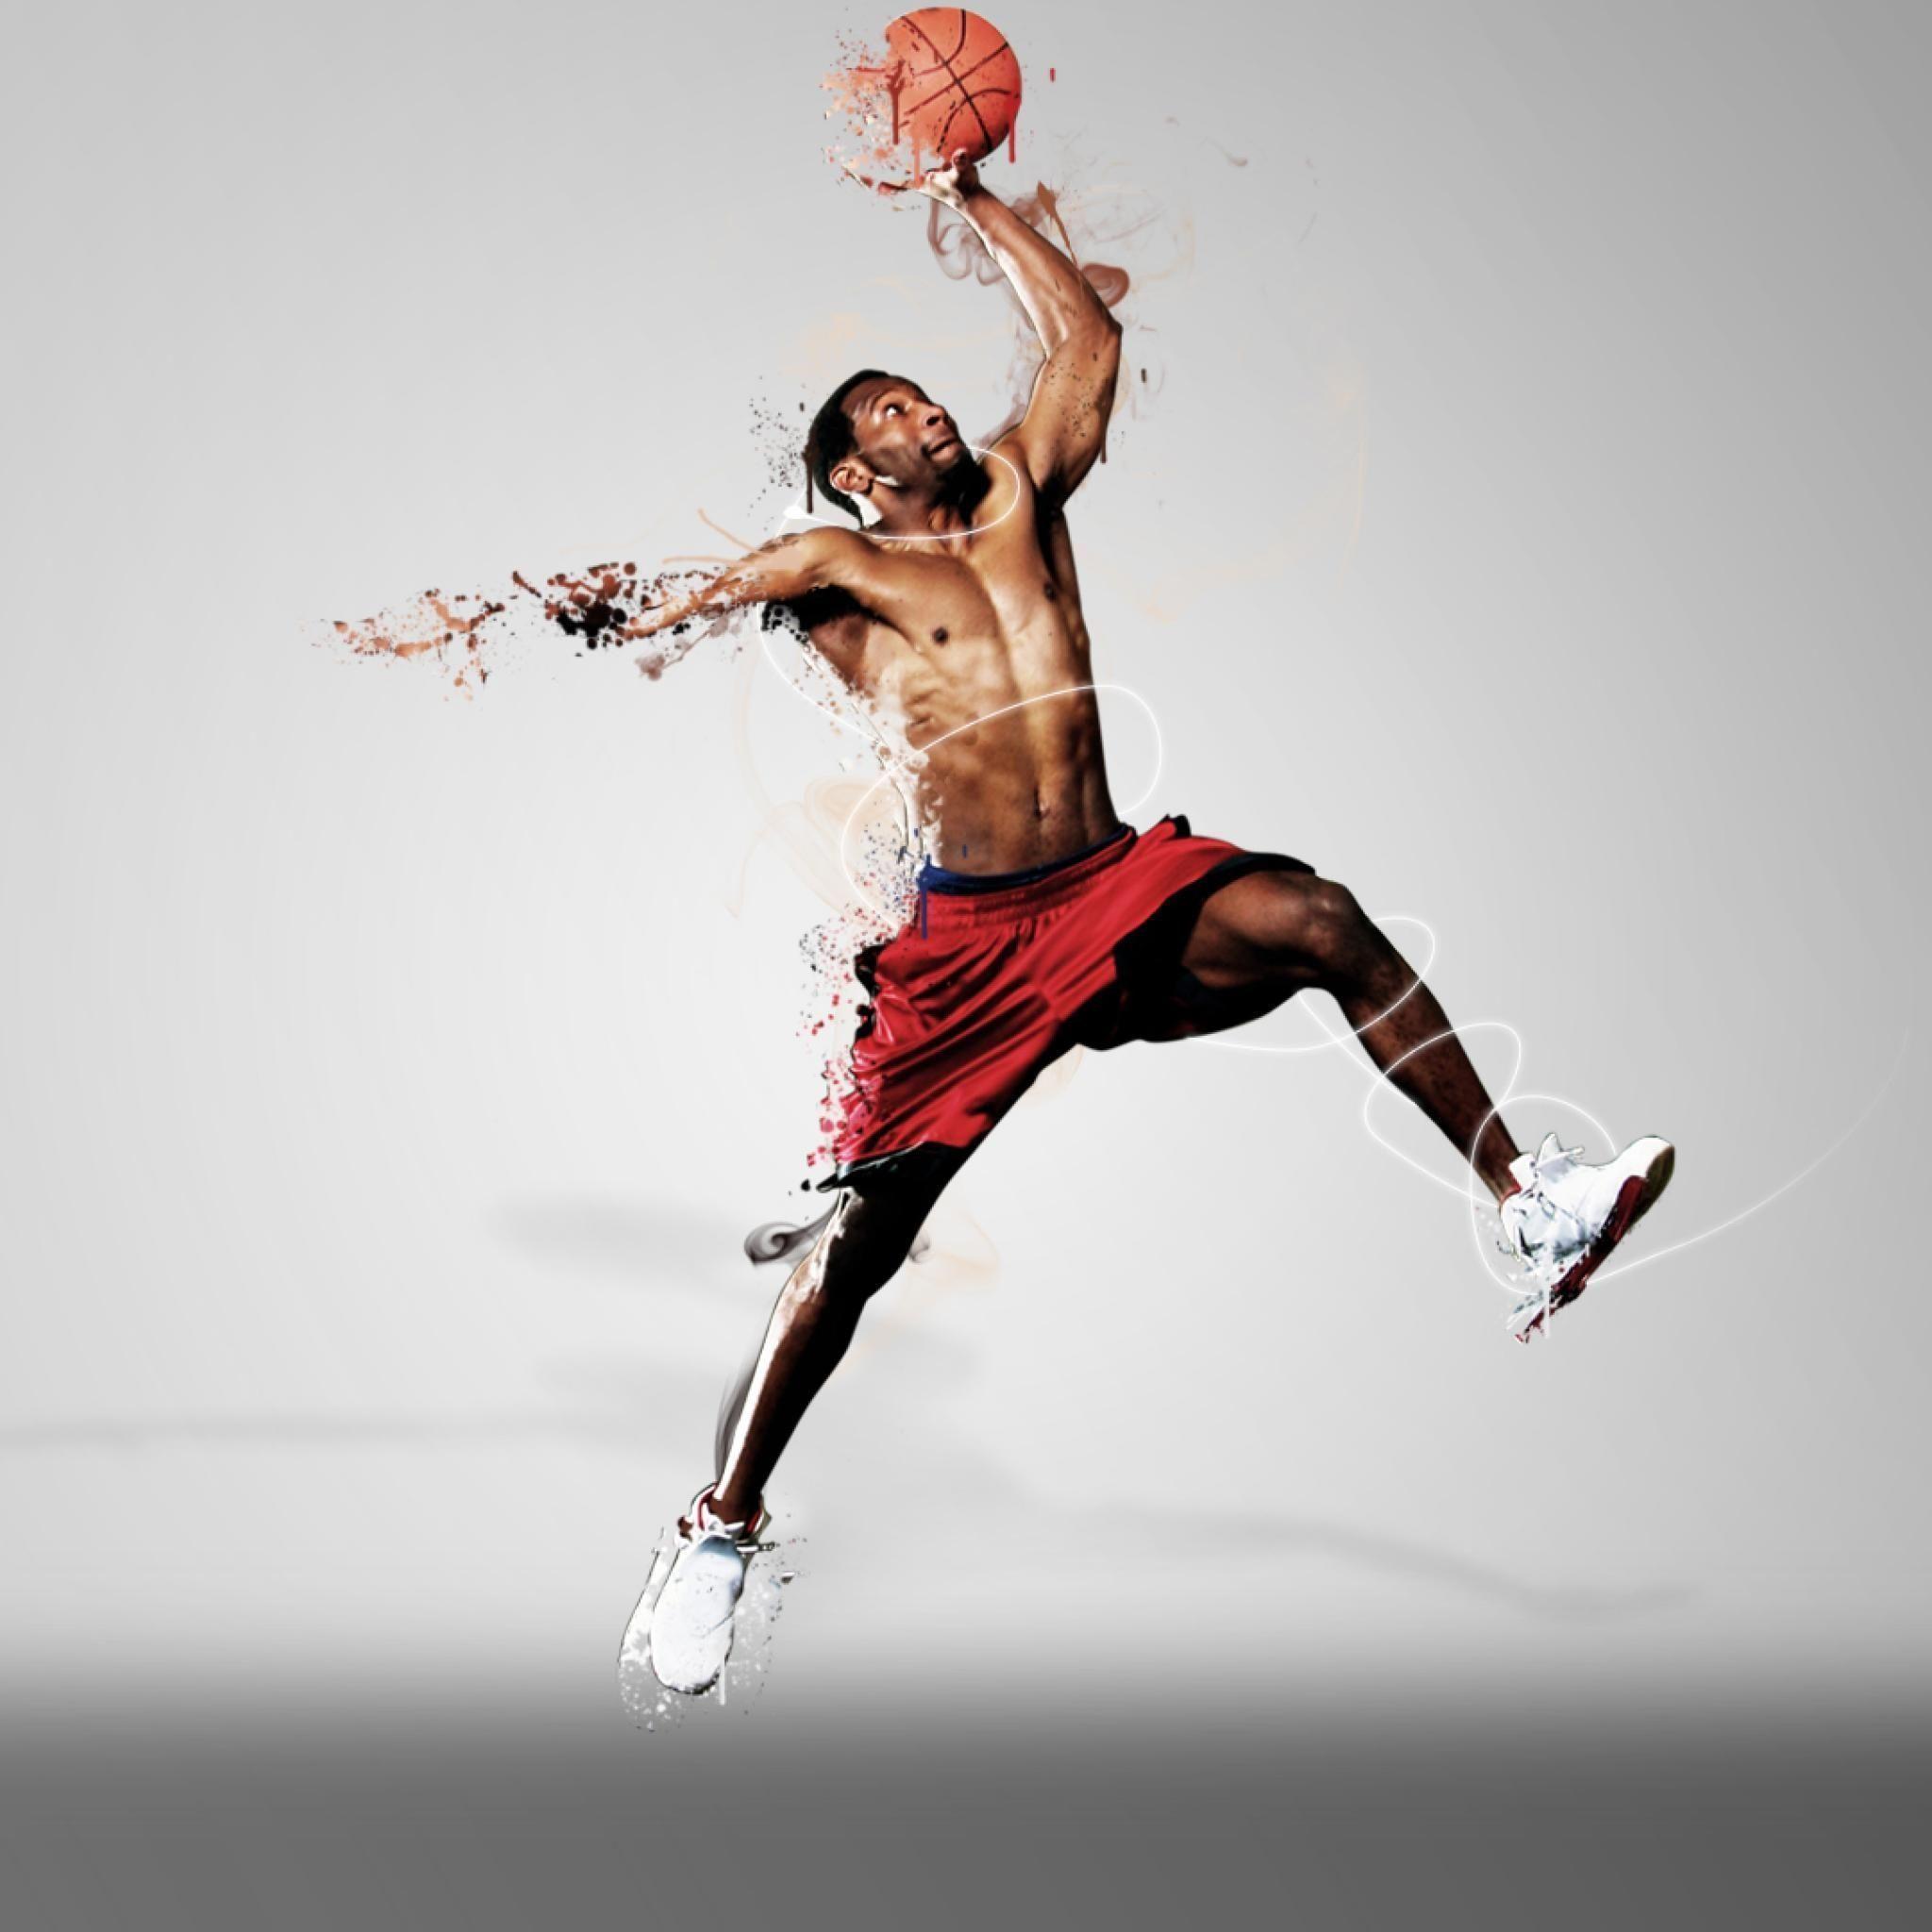 Basketball Wallpapers 2015